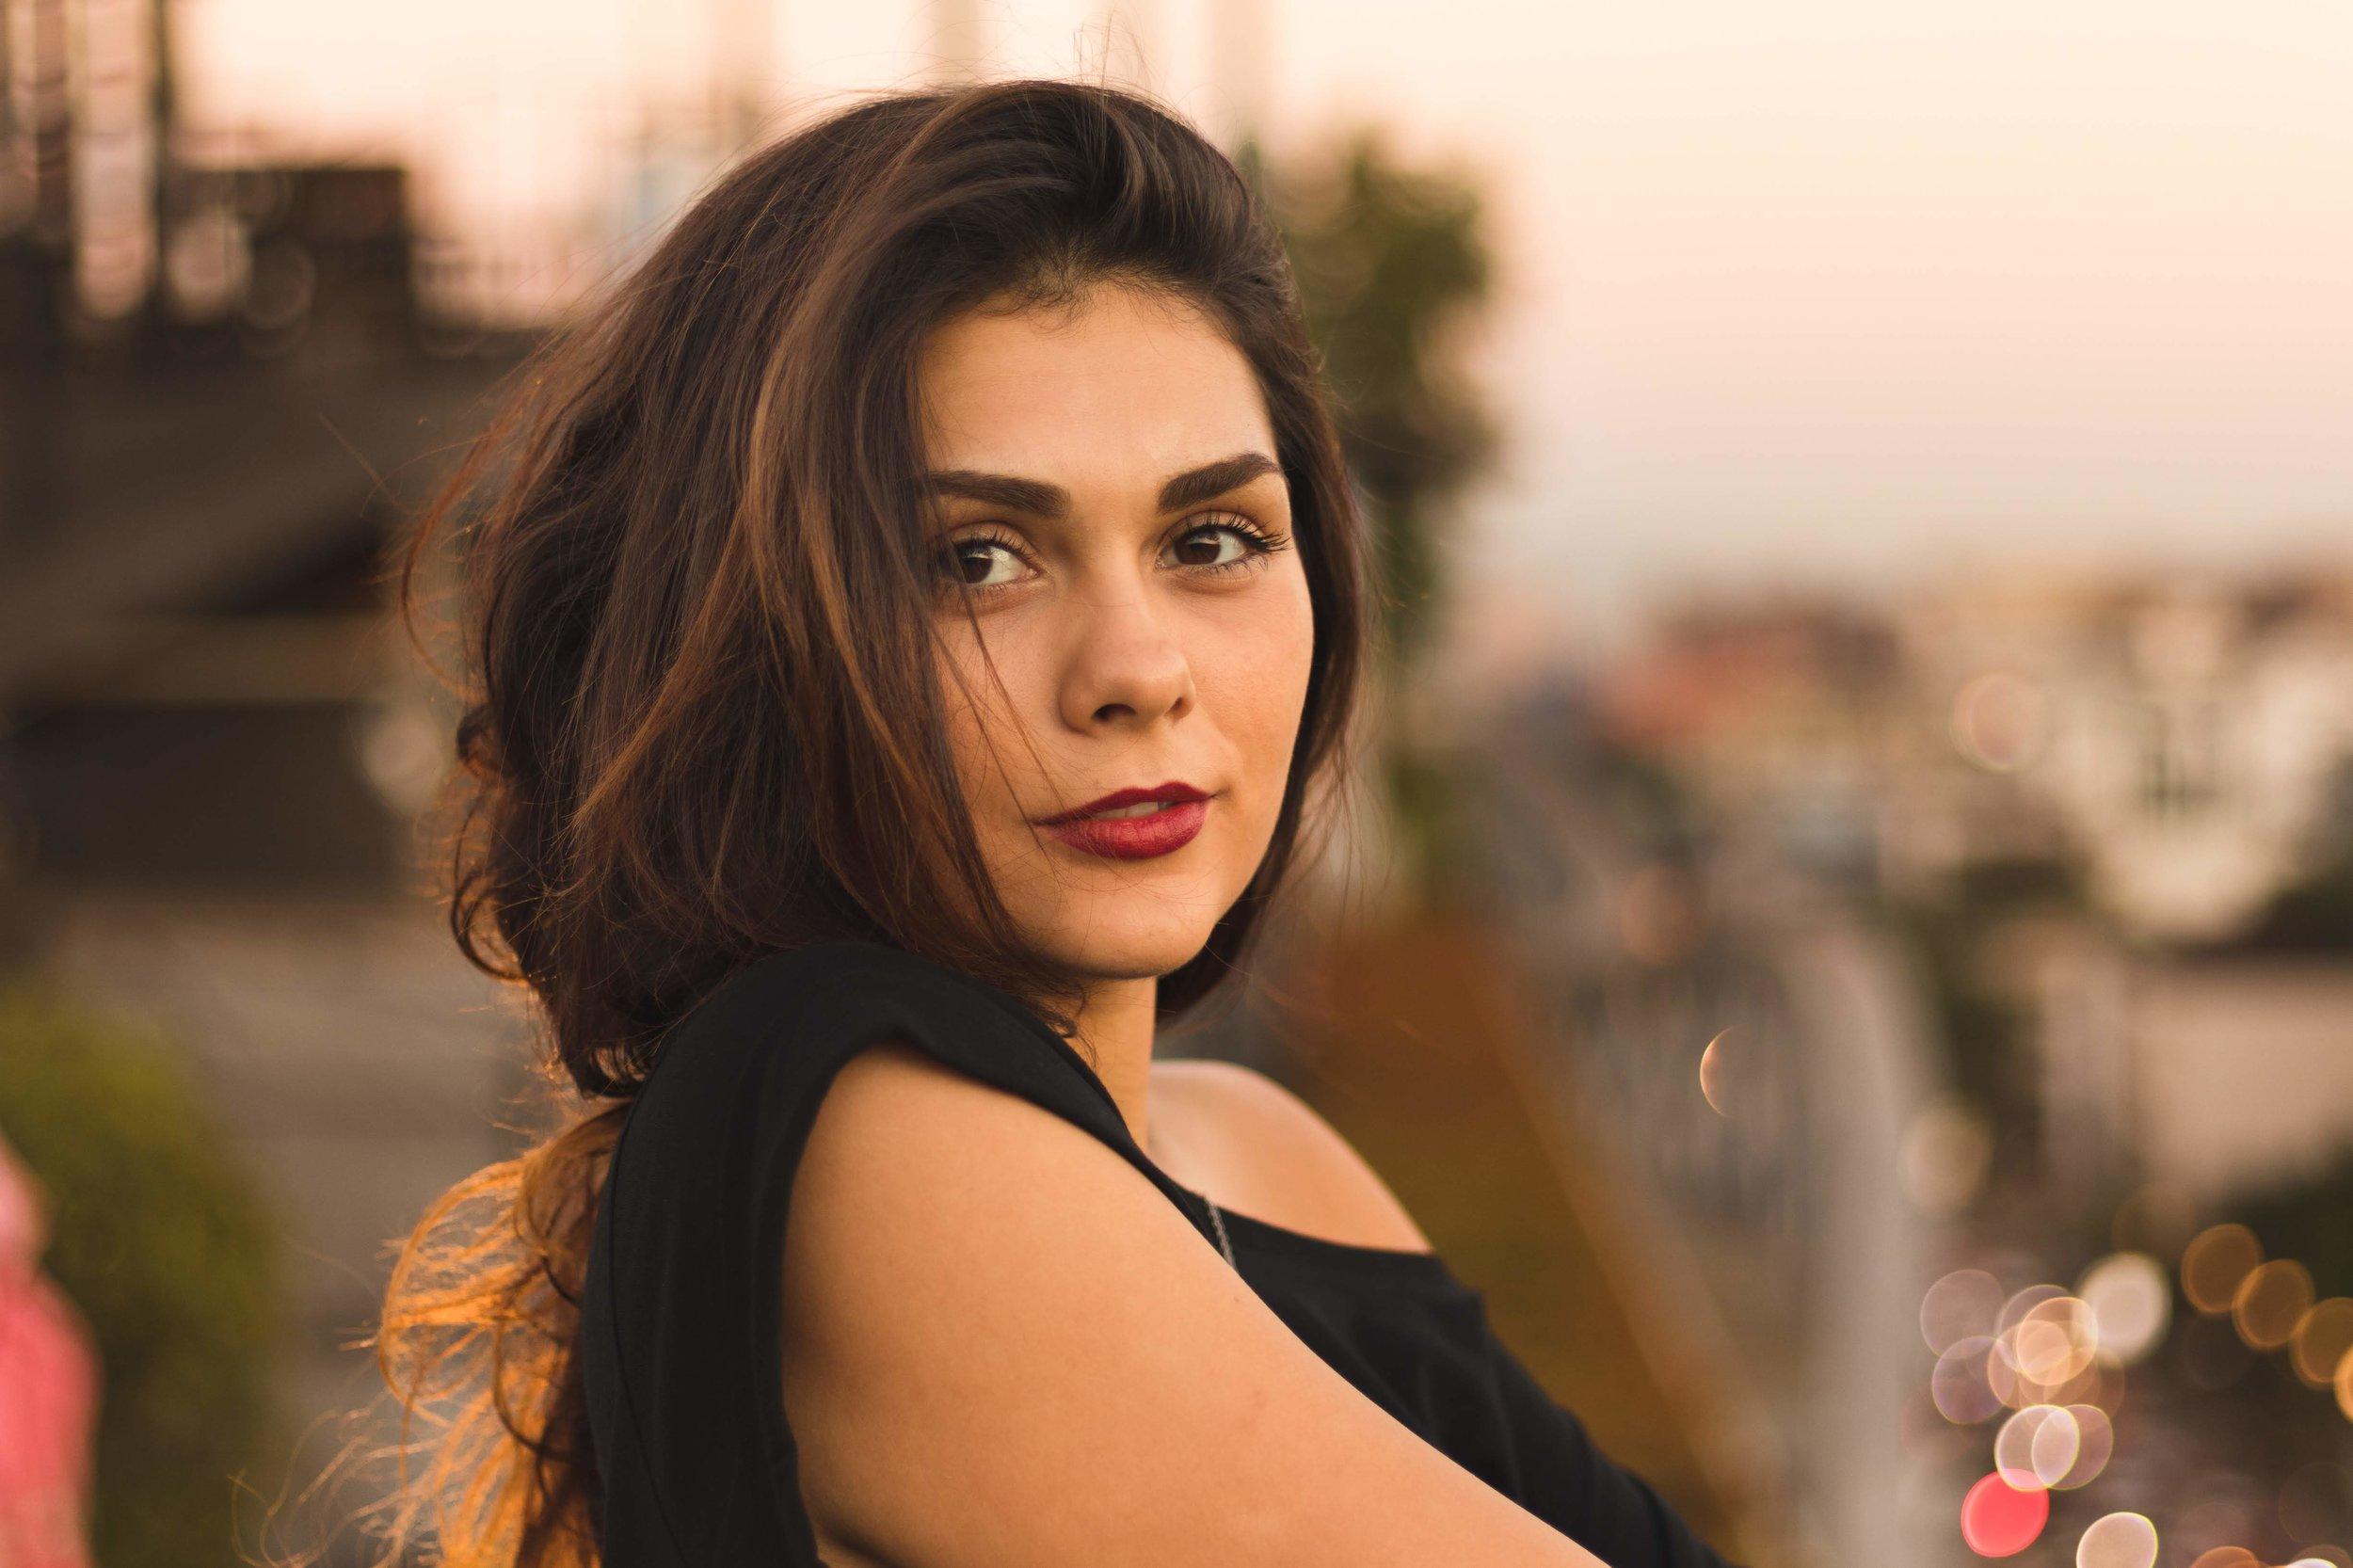 Portrait Session - Model : Yanina Kondratiuk